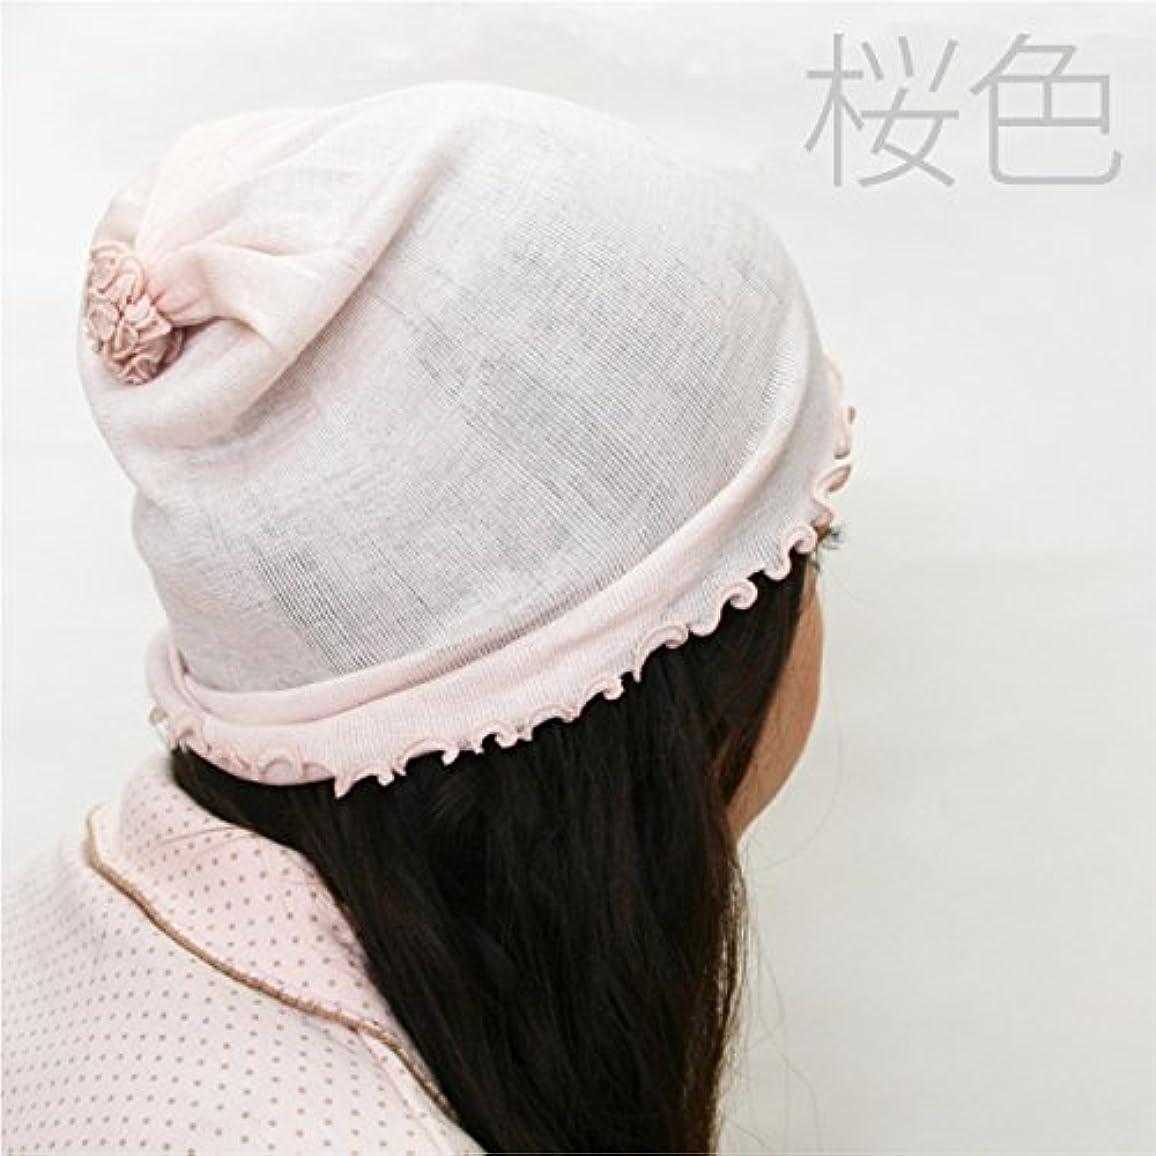 必需品カルシウムにぎやか絹屋 シルクナイトキャップ SO4463 02桜色